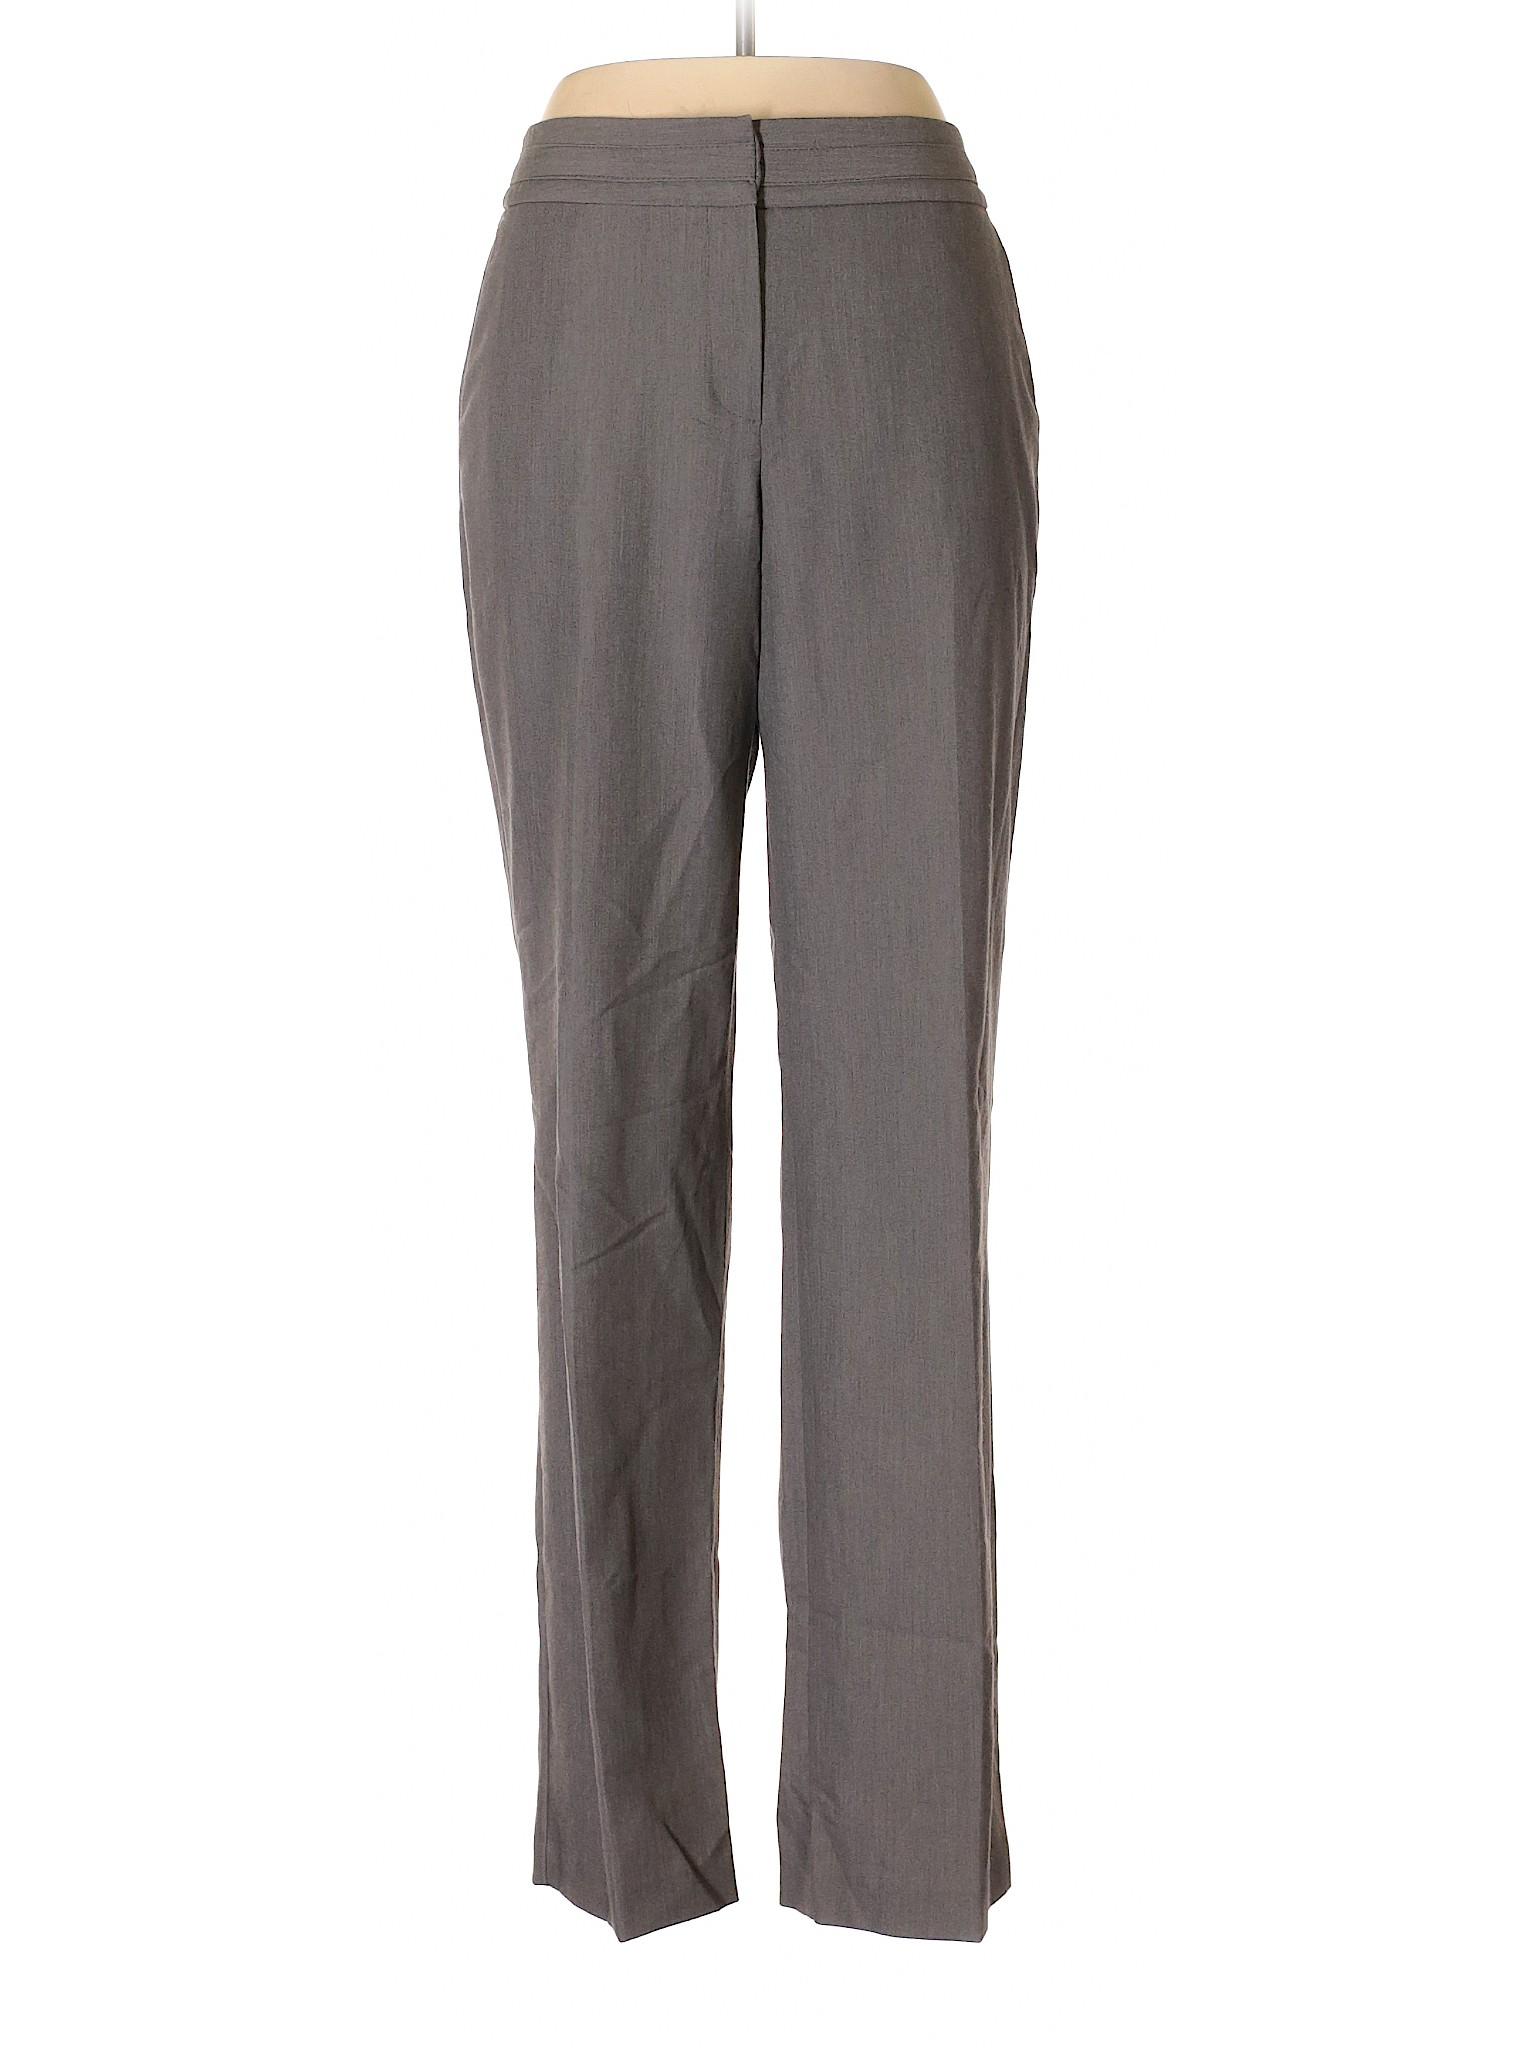 leisure Dress Attitude Boutique Lifestyle Pants CnSdp88xwq